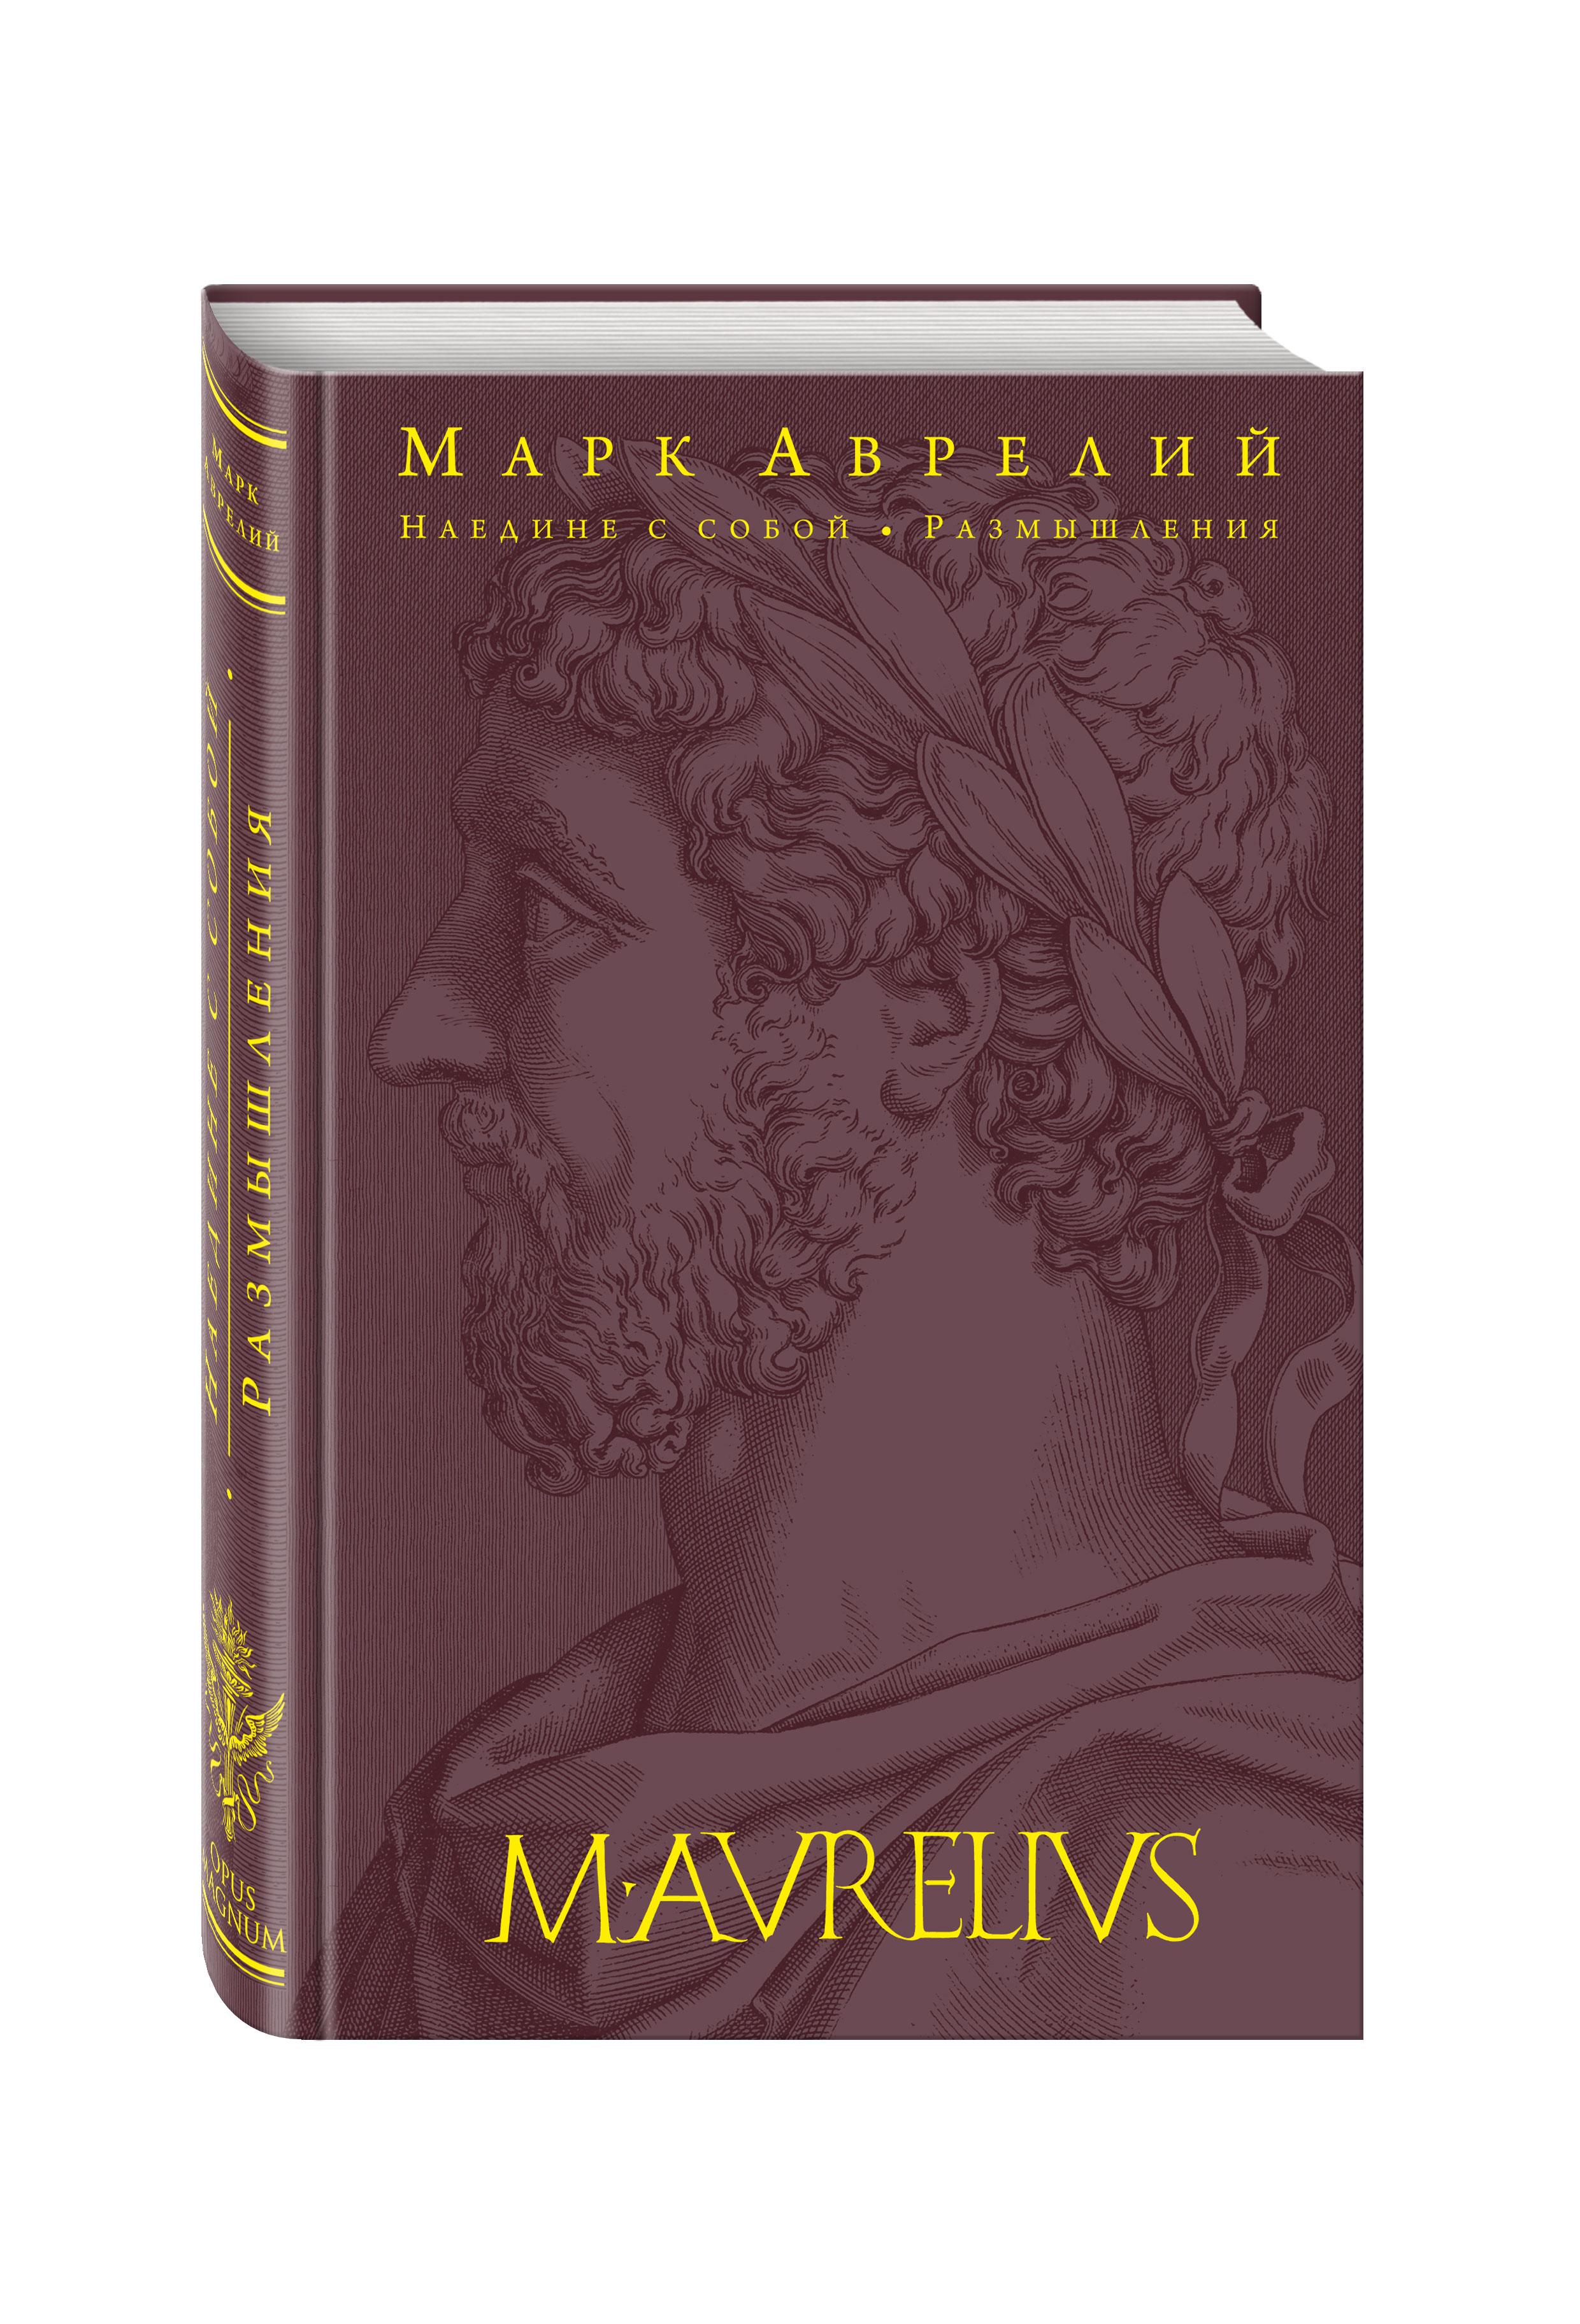 Марк Аврелий Наедине с собой. Размышления марк аврелий 20 евро